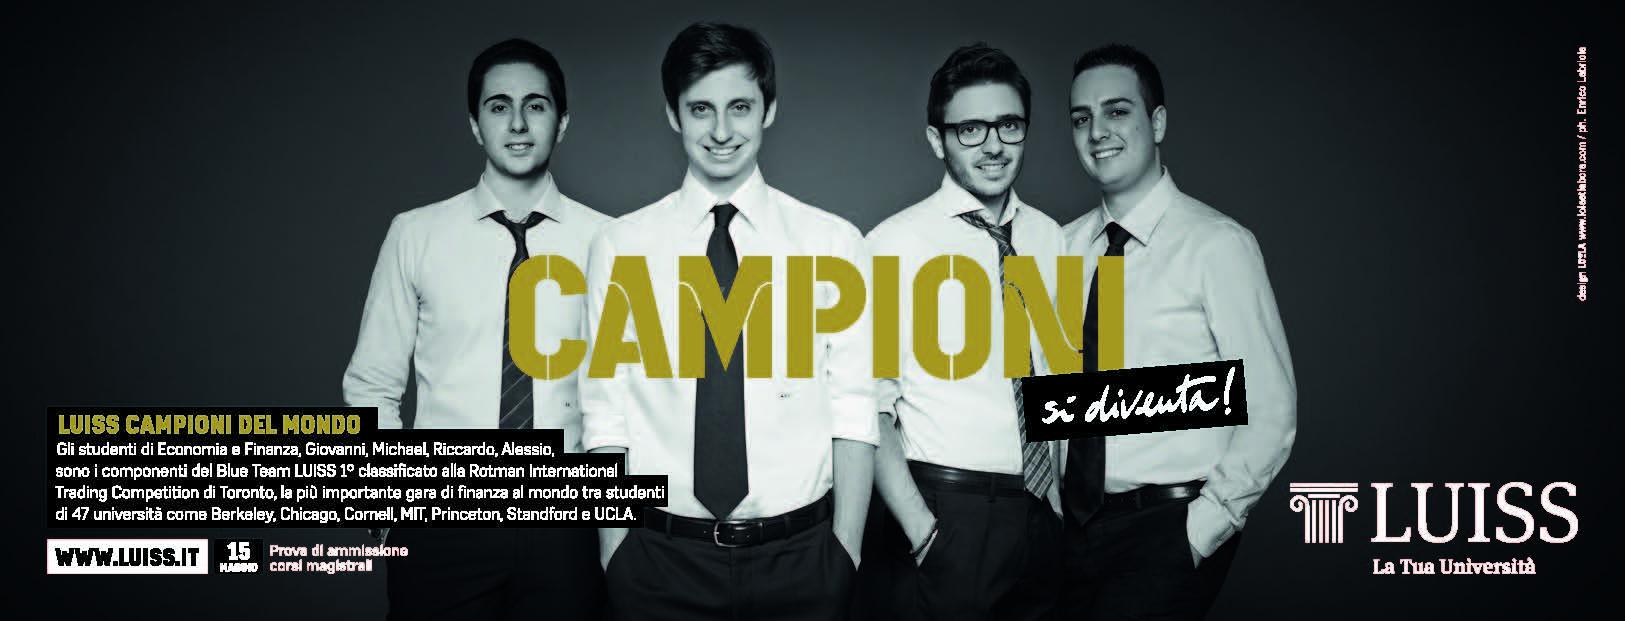 Campioni si diventa - RITC 2014